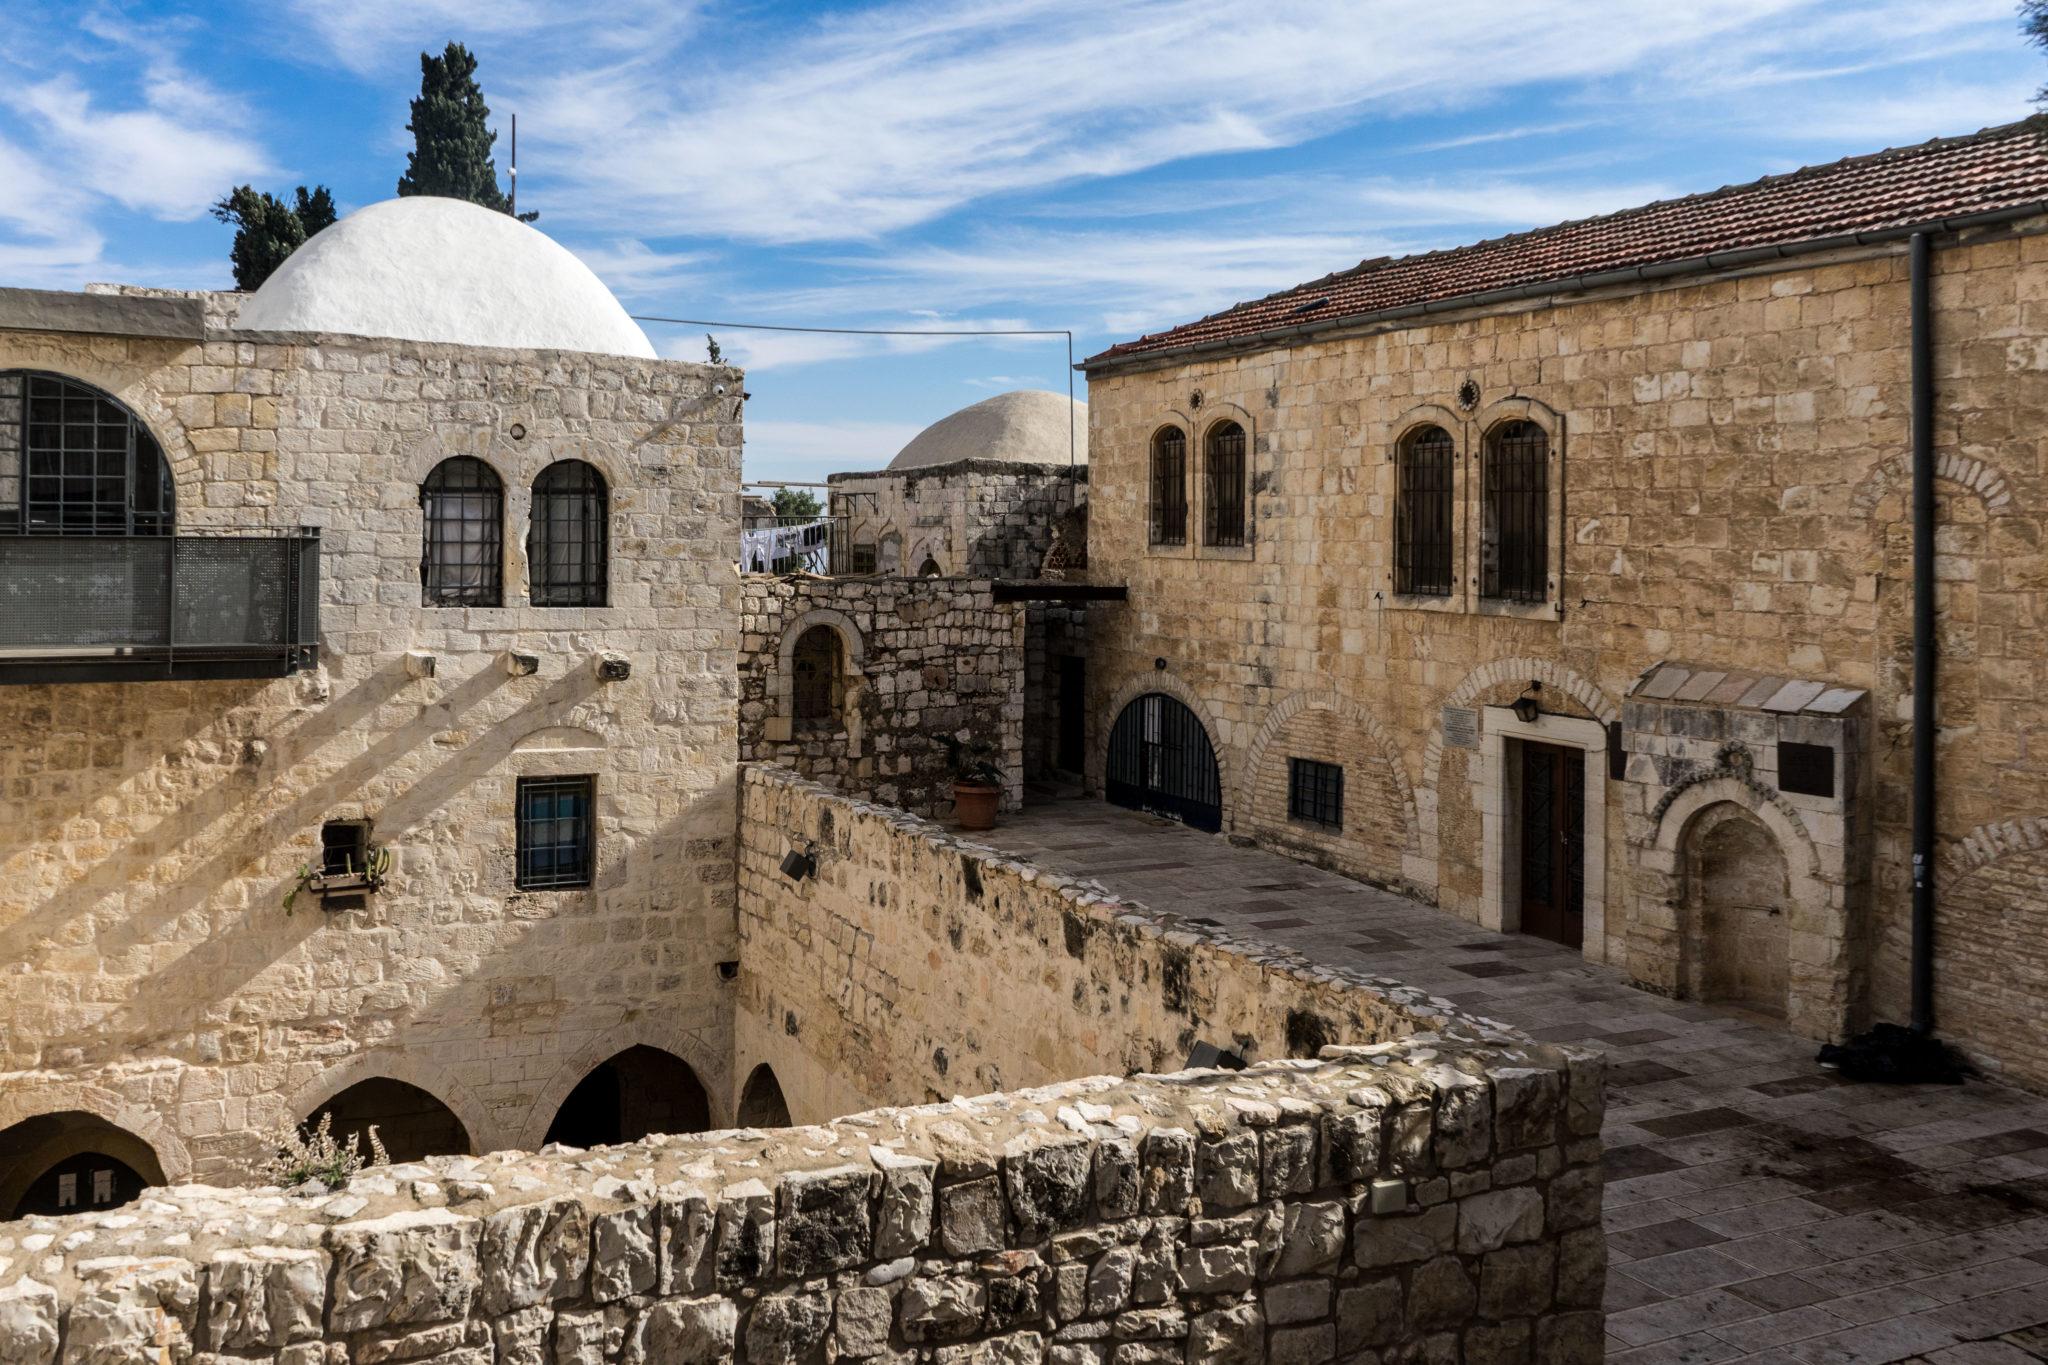 Nei pressi della Tomba di Re Davide